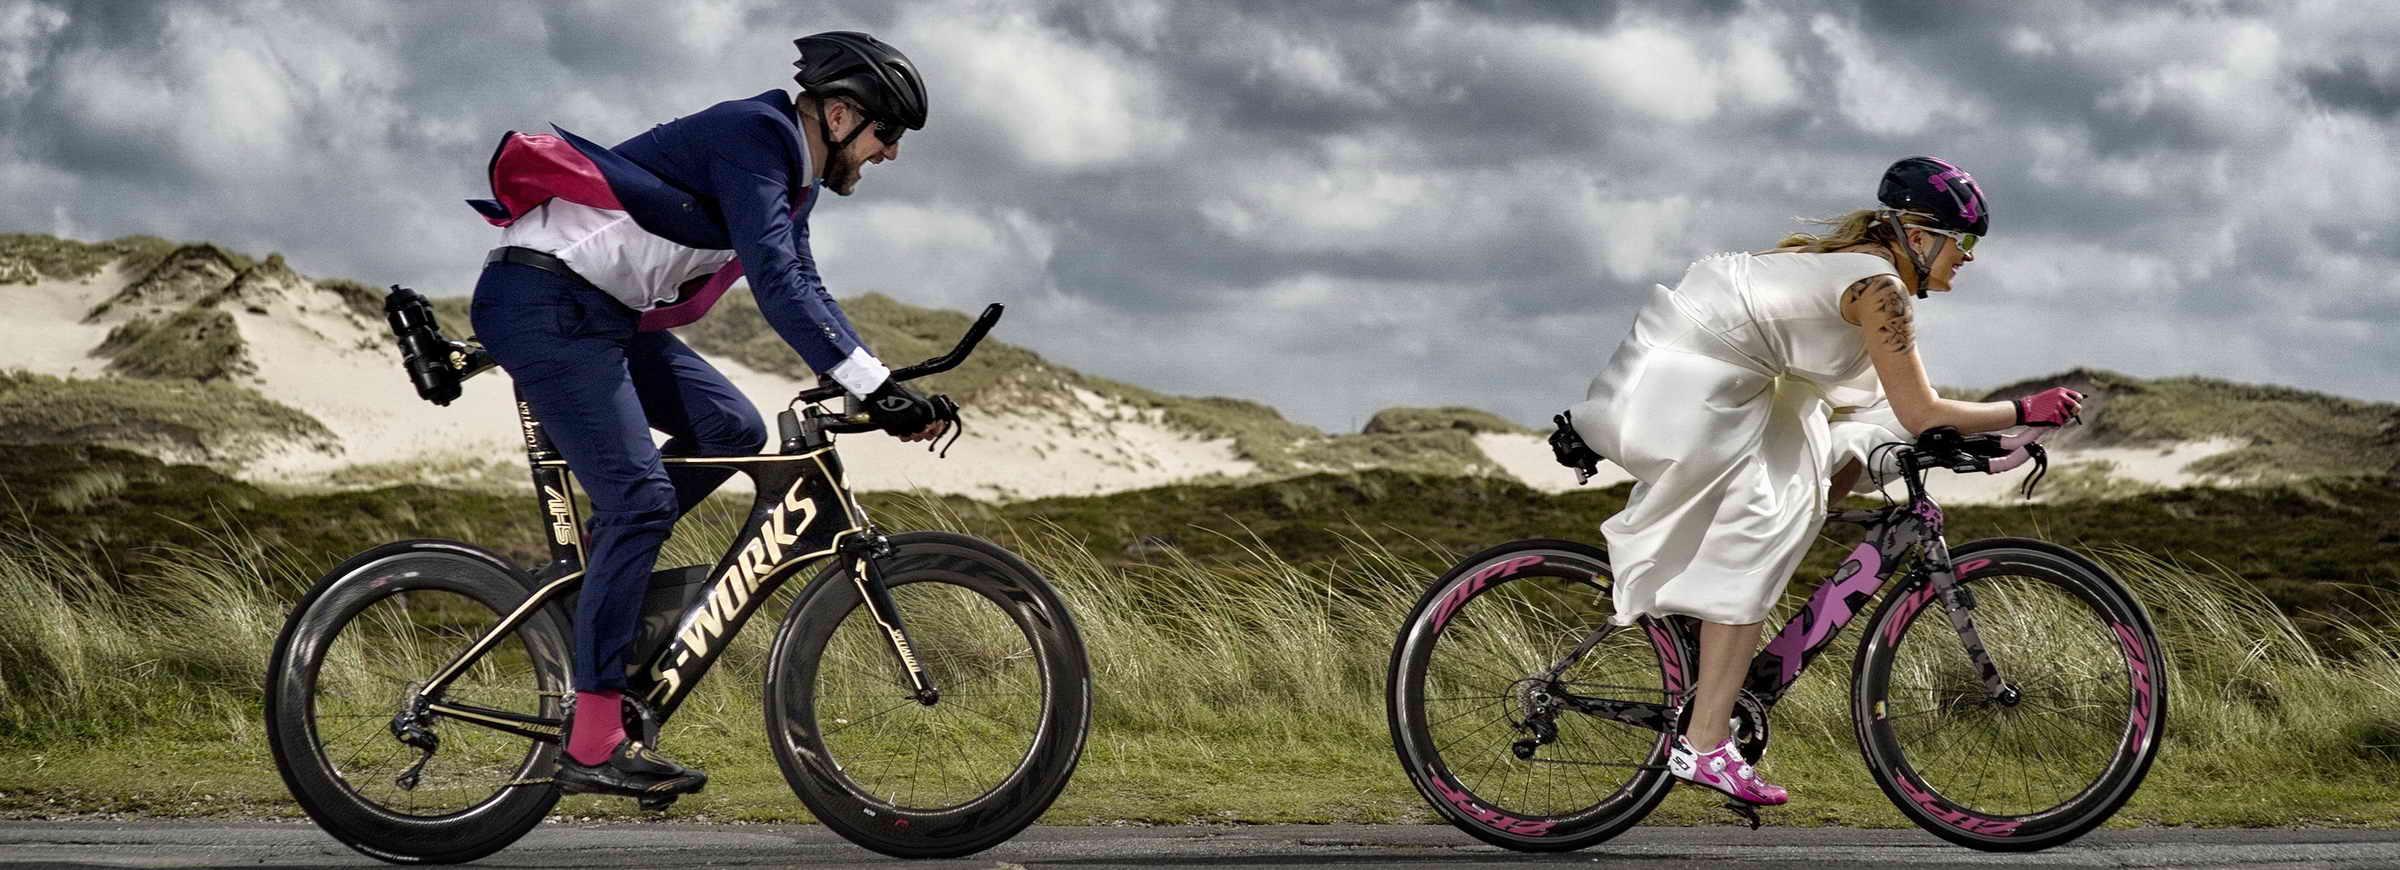 Ein künstlerisches Bild von einem Hochzeitspaar die Triathlon-Räder fahren, das alles in sylter lister Dünen